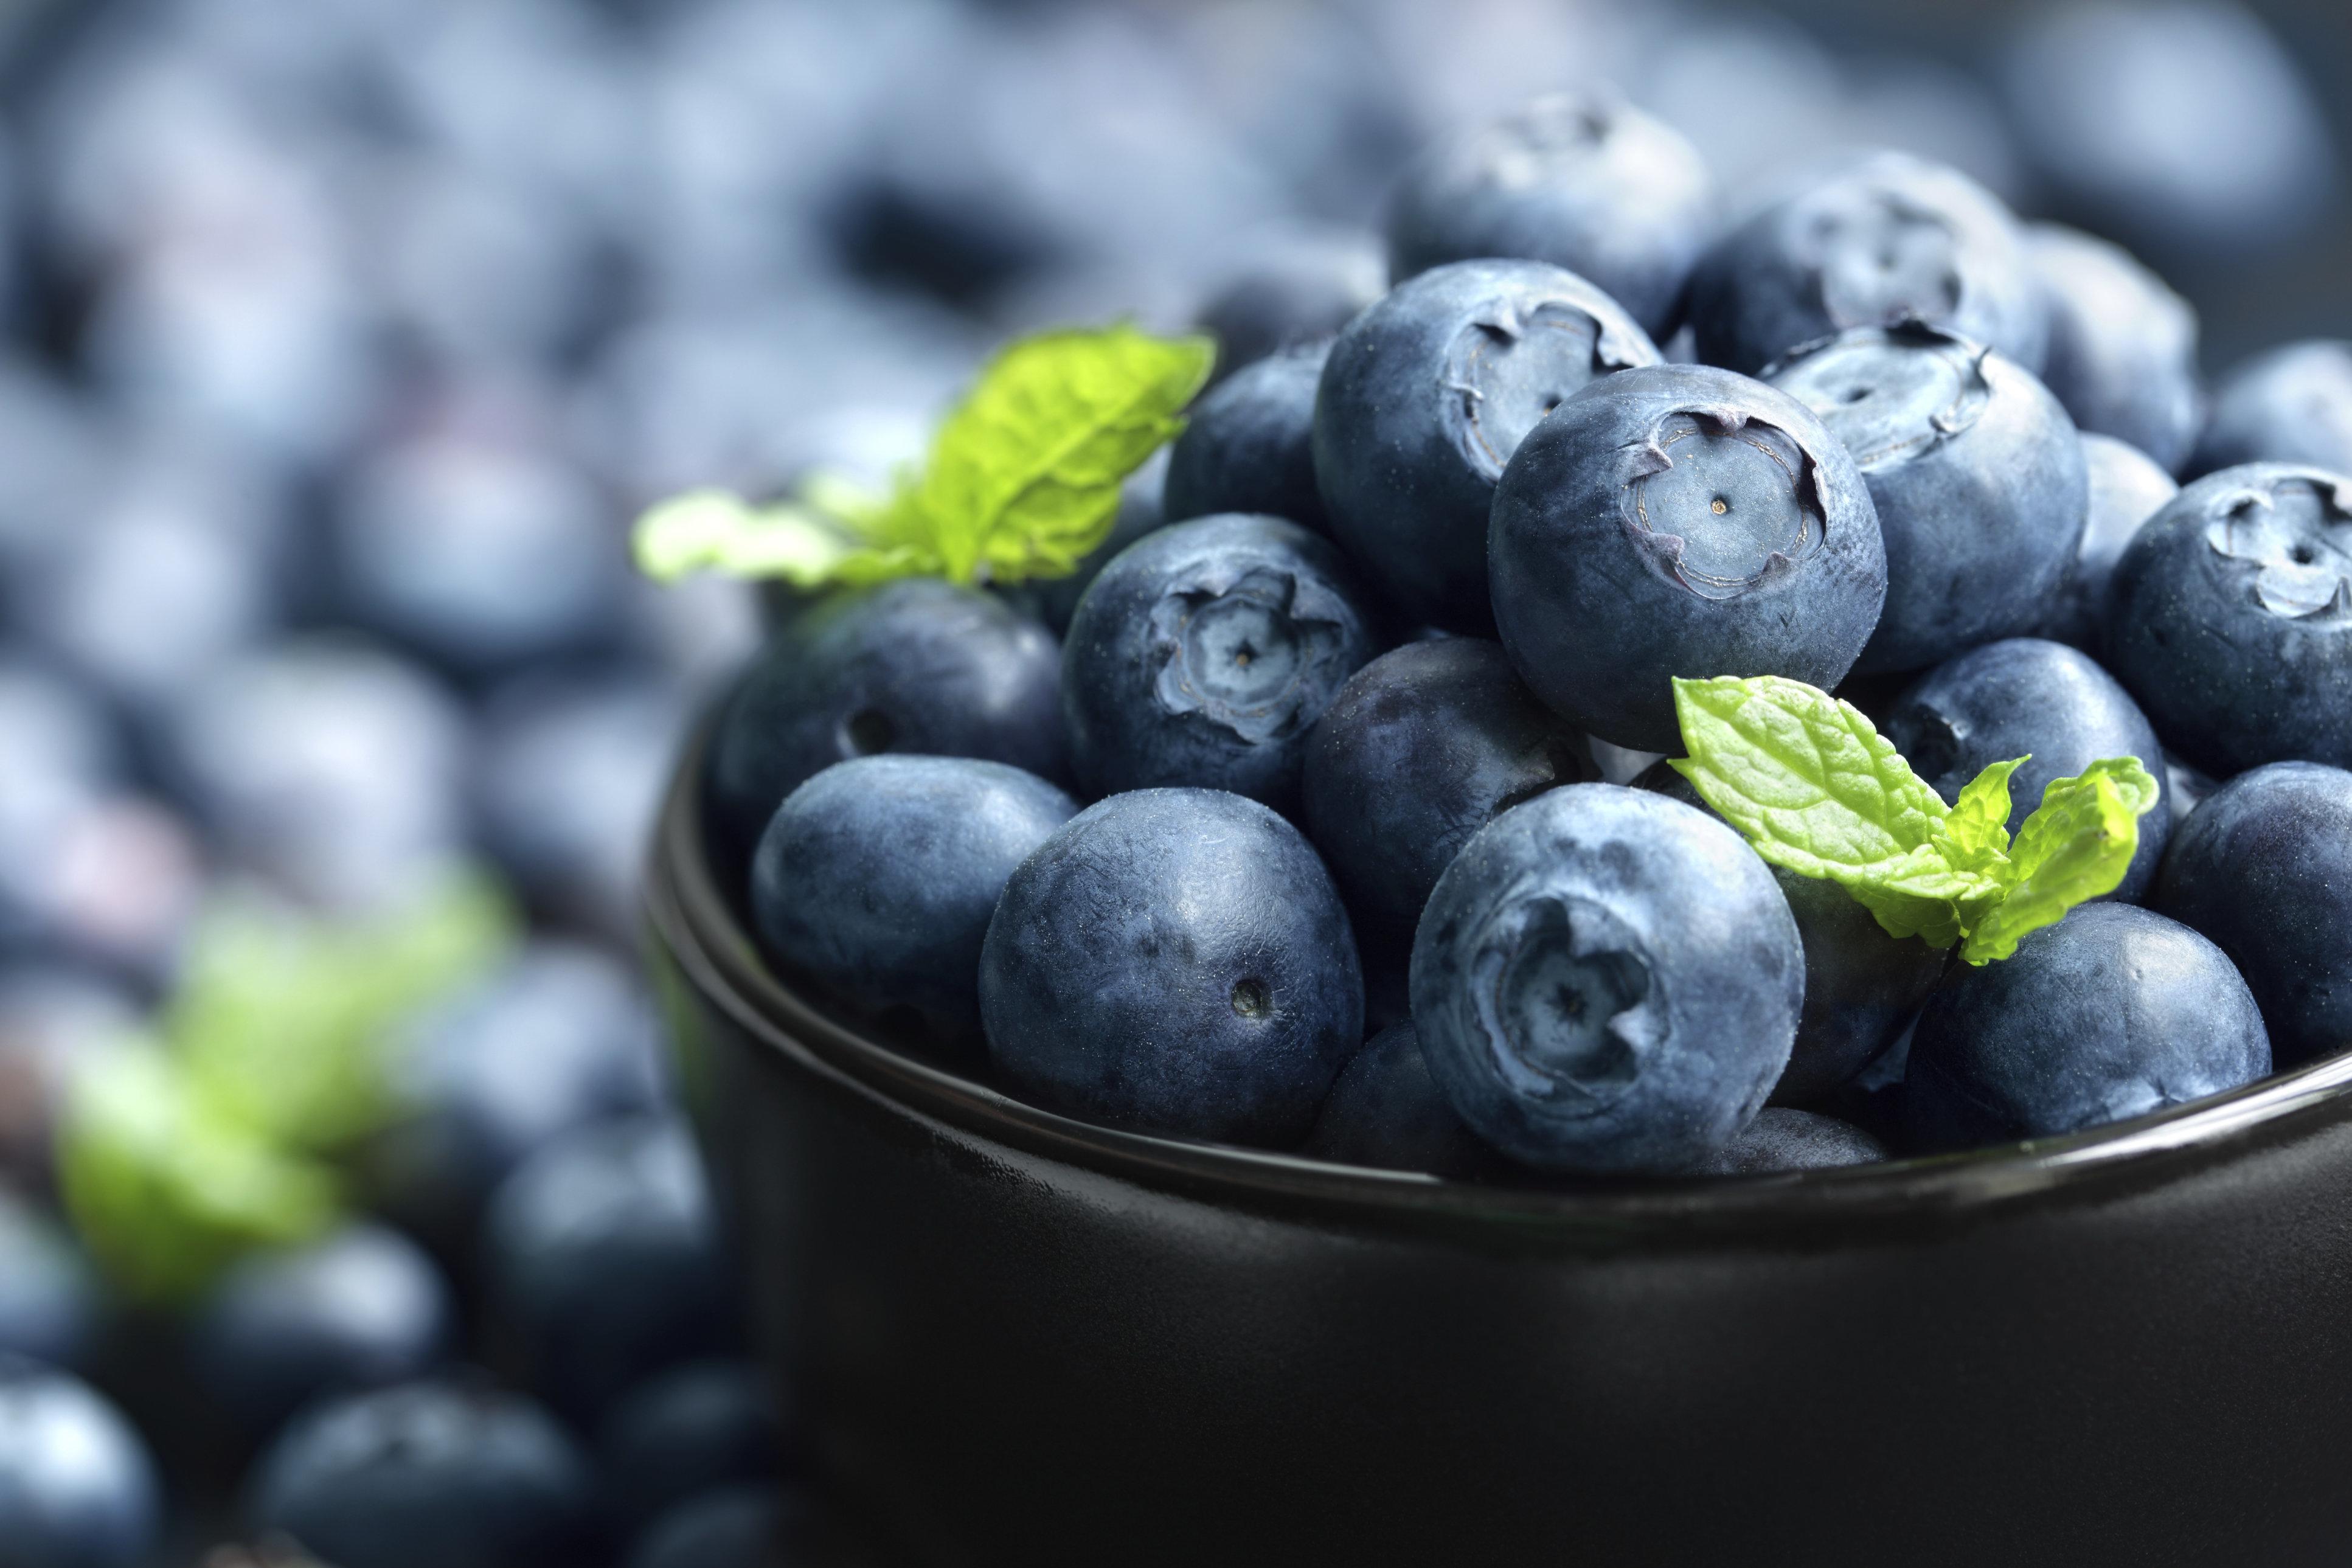 Eating Blueberries 'May Help Prevent Alzheimer's